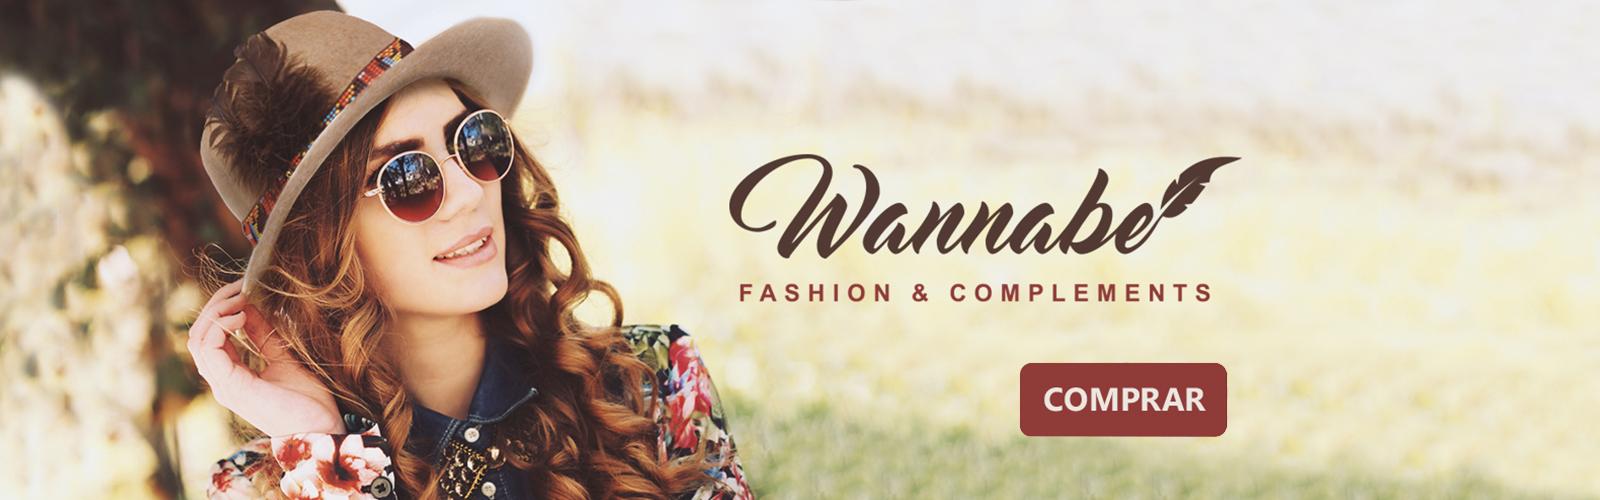 banner-marca-wannabe-pagina-principal-thecloset